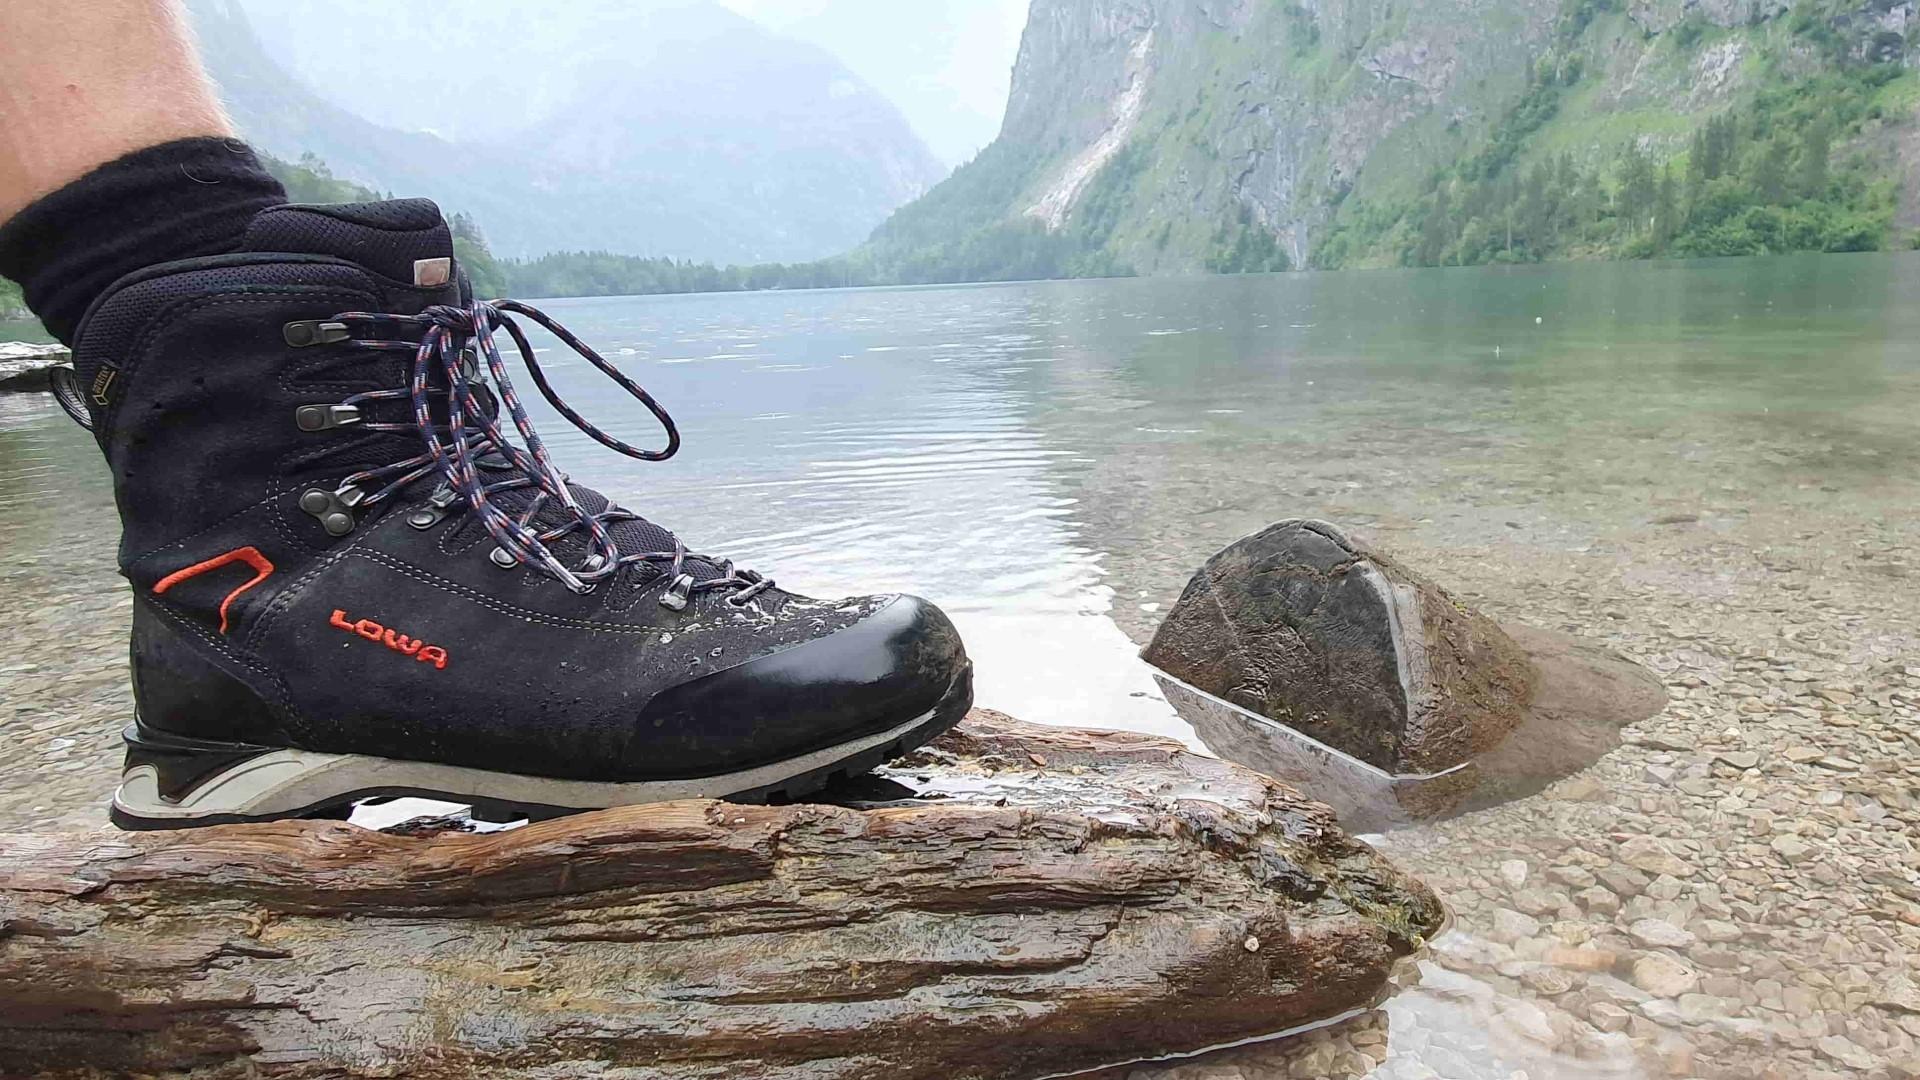 Wanderschuh am Oberersee